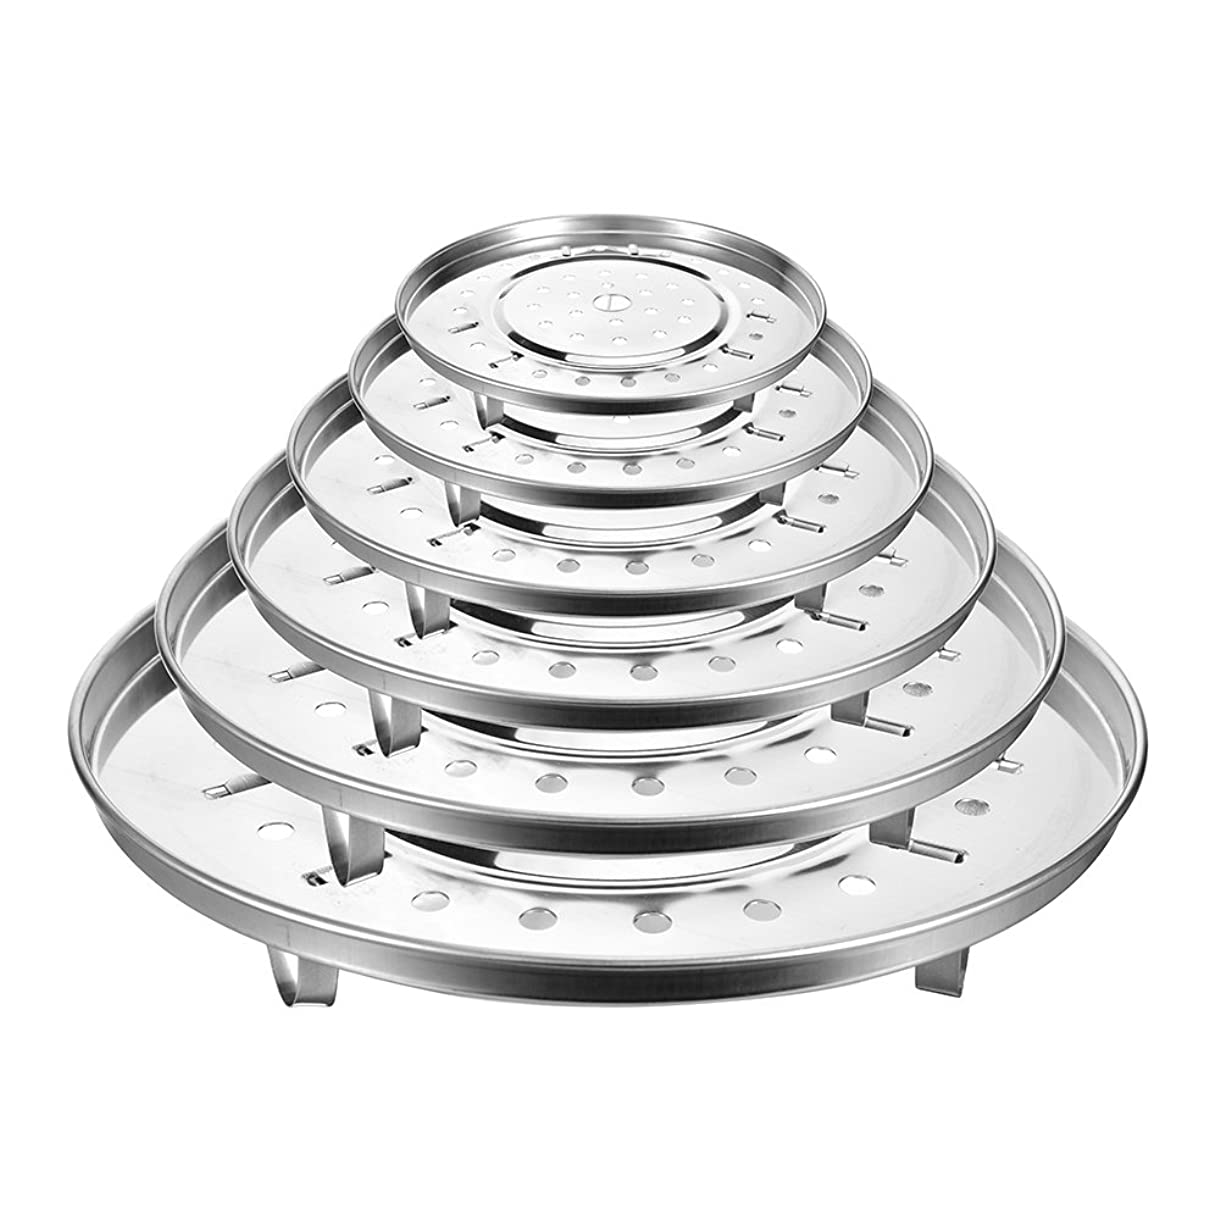 ブレース壊滅的な見て卓仕朗 ステンレス製 だんらん 鍋用 蒸し目皿 蒸し調理プレート20cm-30cm 6サイズ (F:30cm)